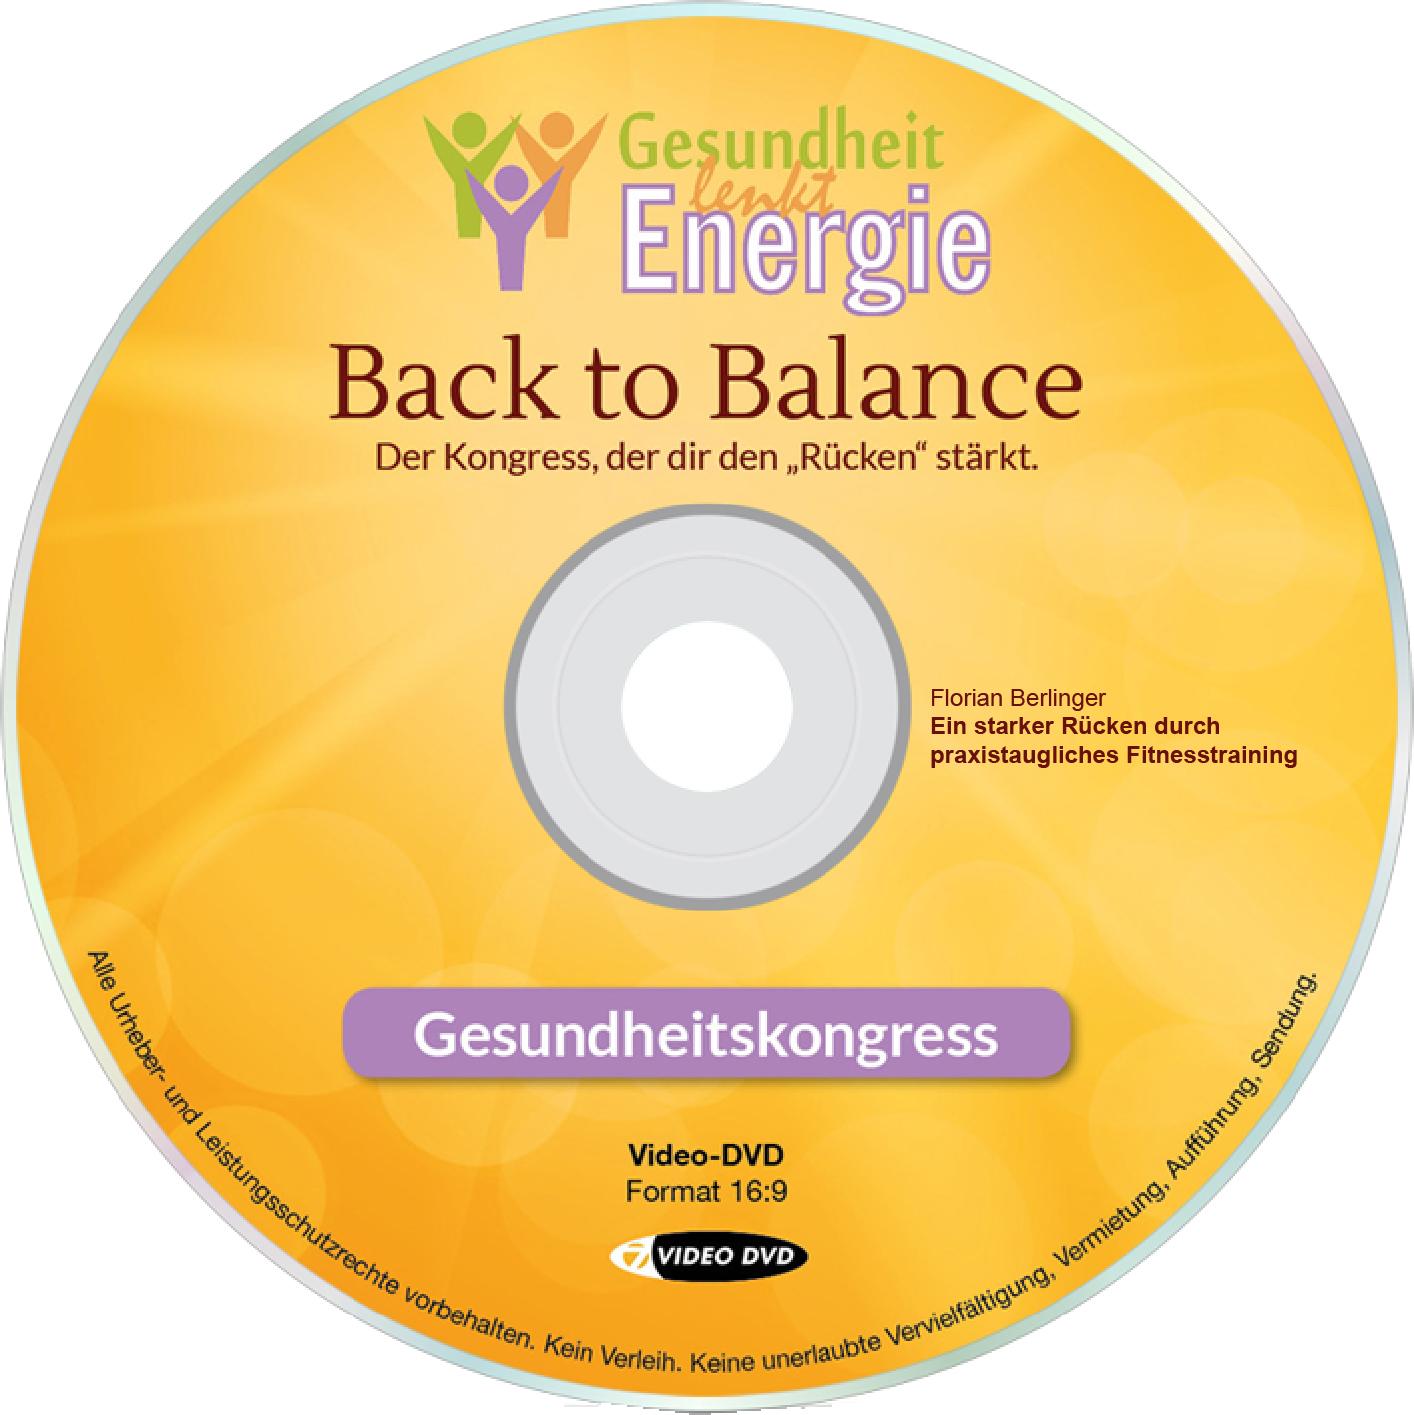 Florian Berlinger: Ein starker Rücken durch praxistaugliches Fitnesstraining